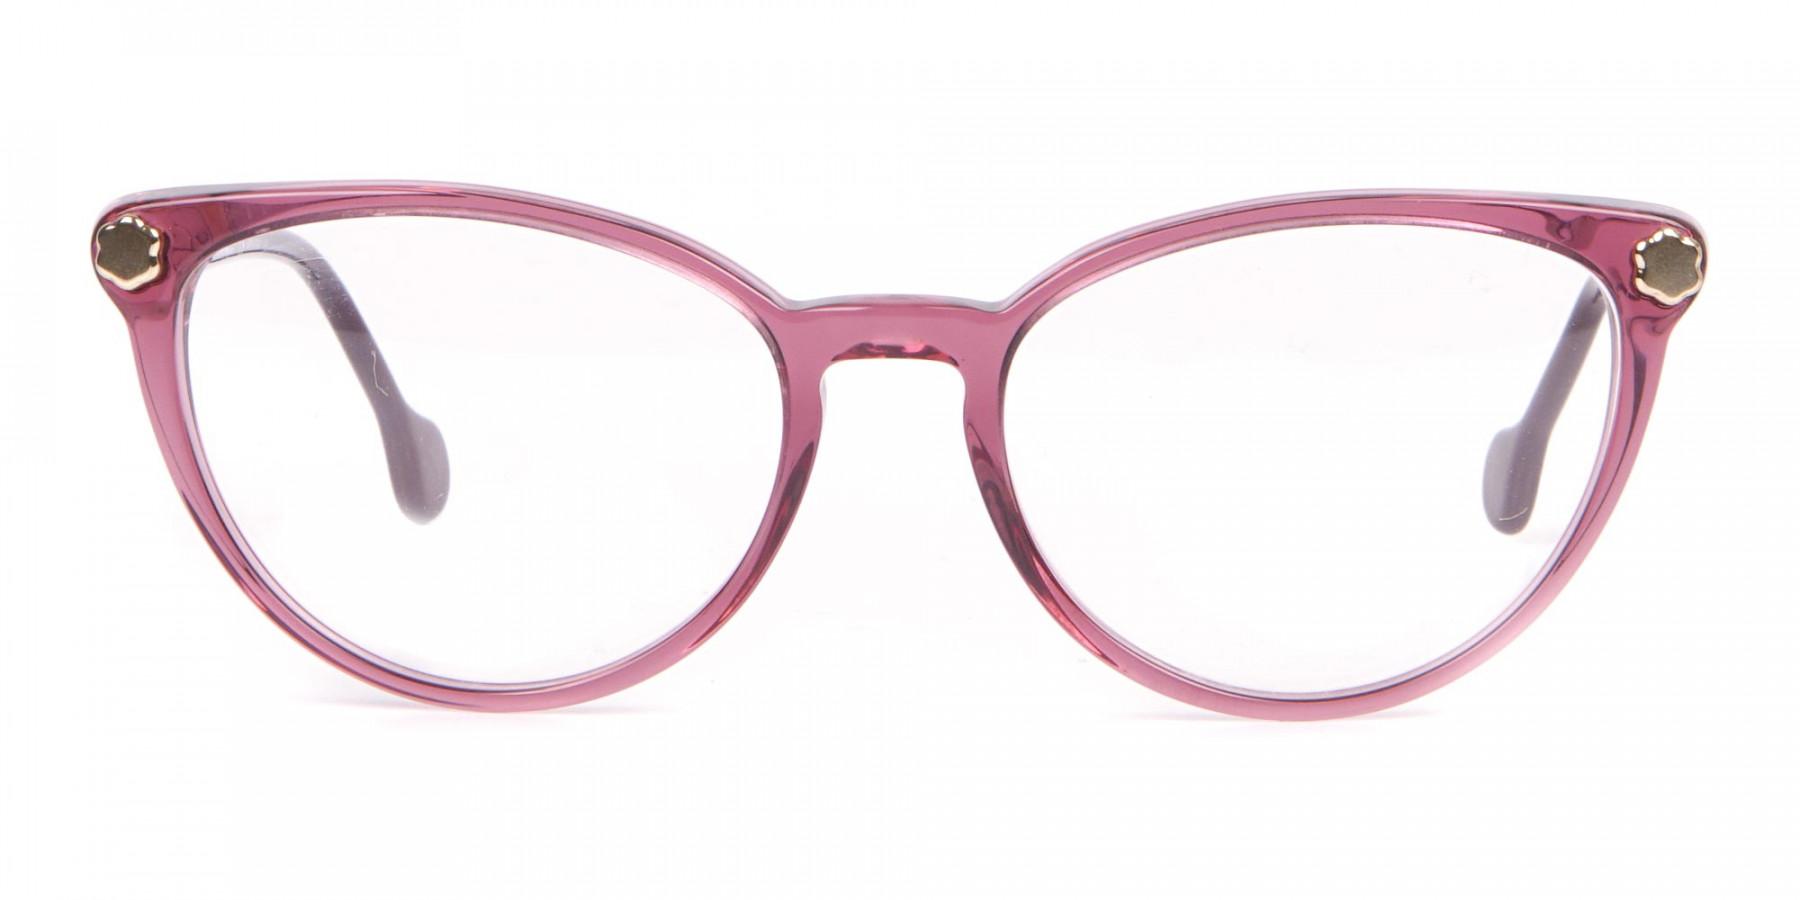 Salvatore Ferragamo SF2837 Women's Cateye Glasses Wine-1